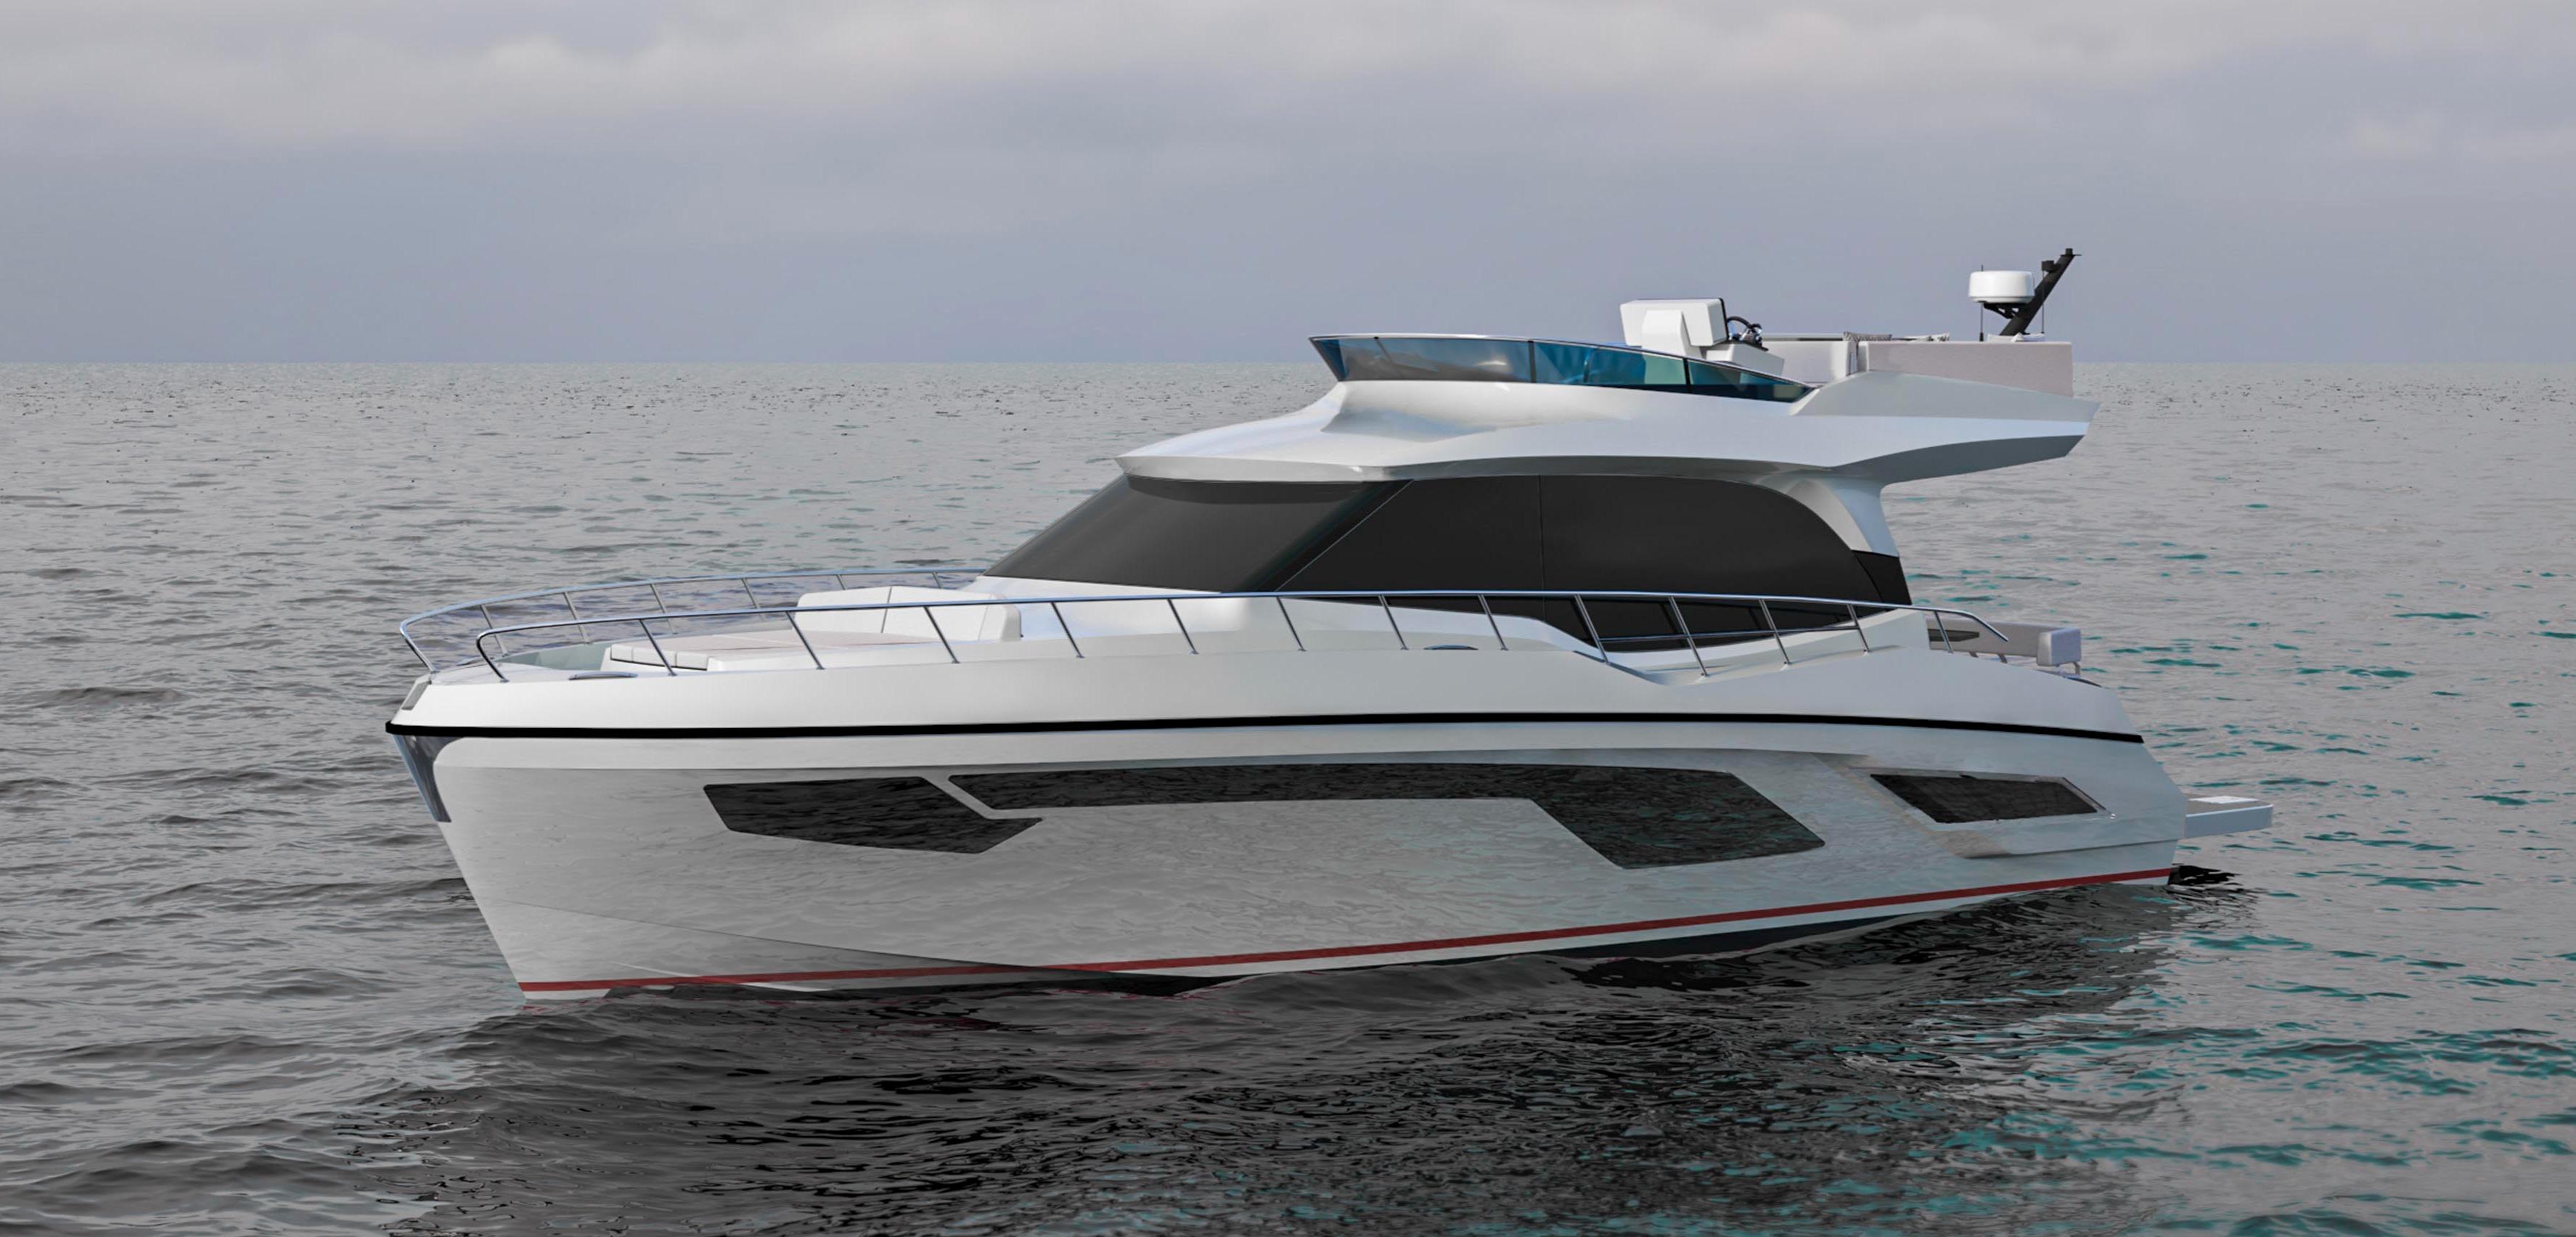 Majesty Yachts Price - Majesty 49